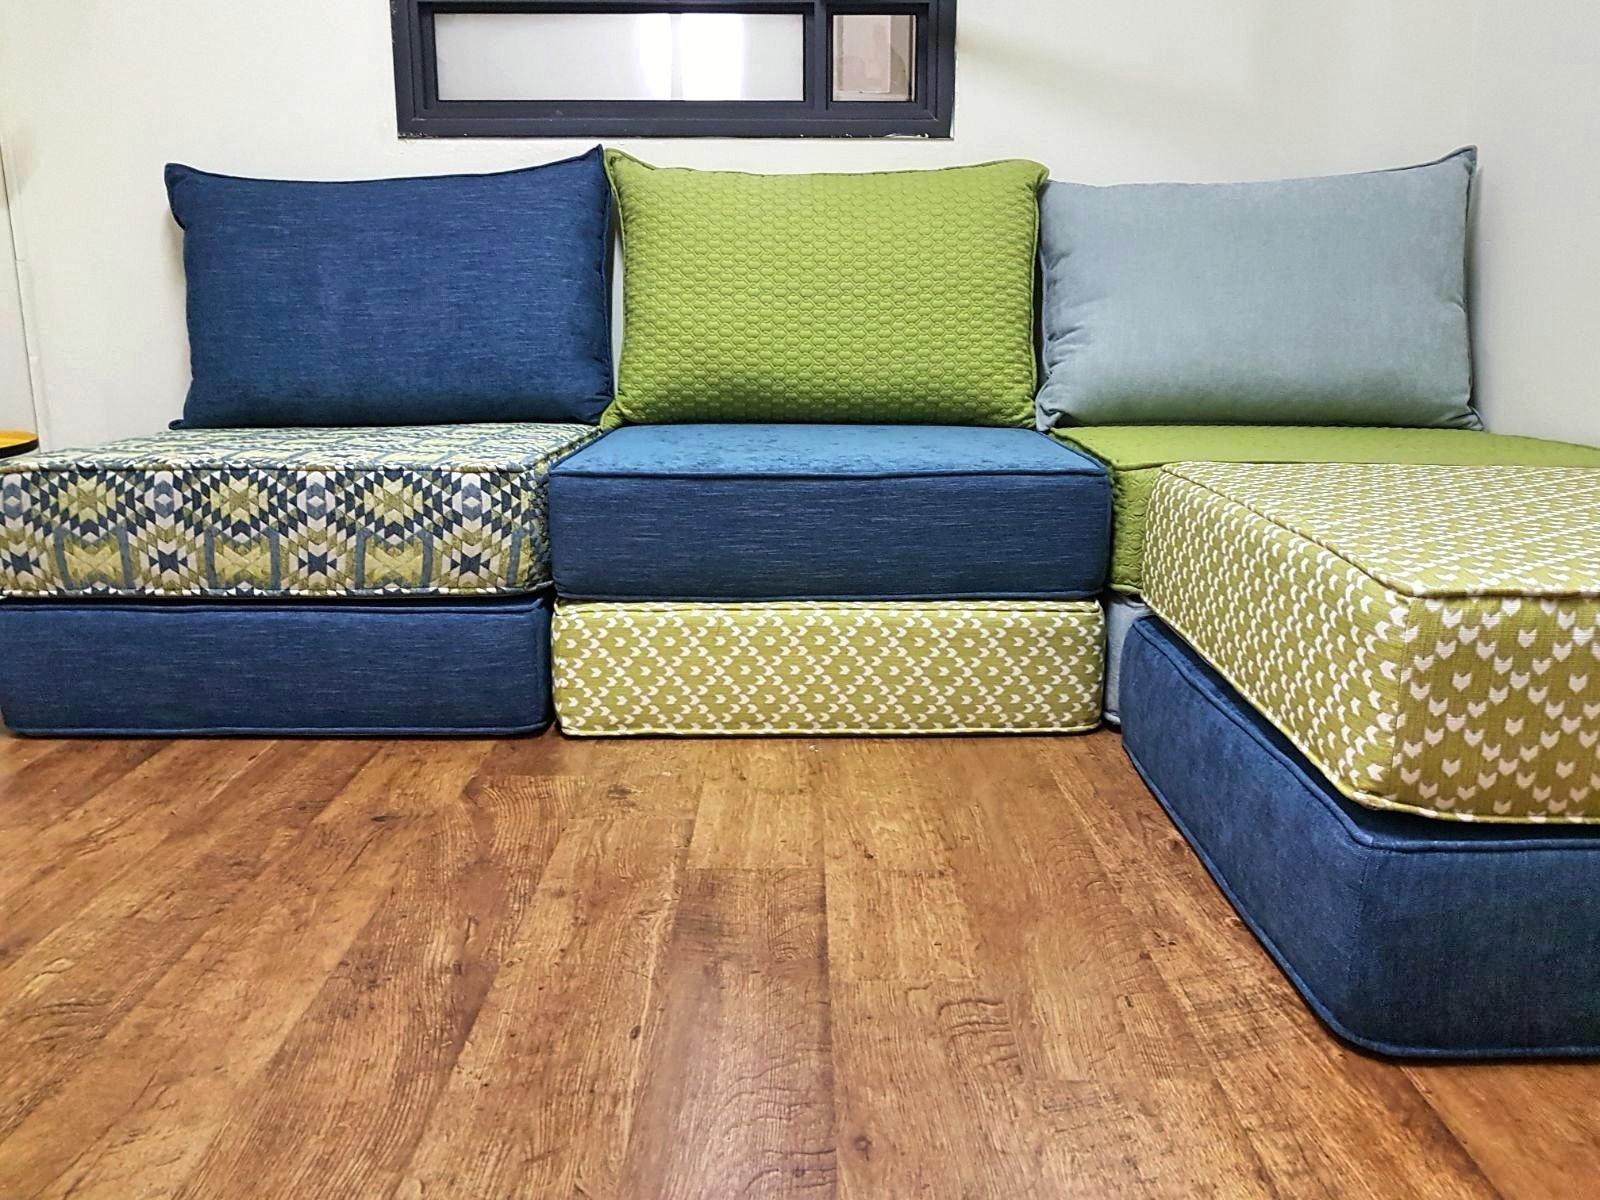 עיצוב חדרים קטנים – רהיטים עם מסר כפול